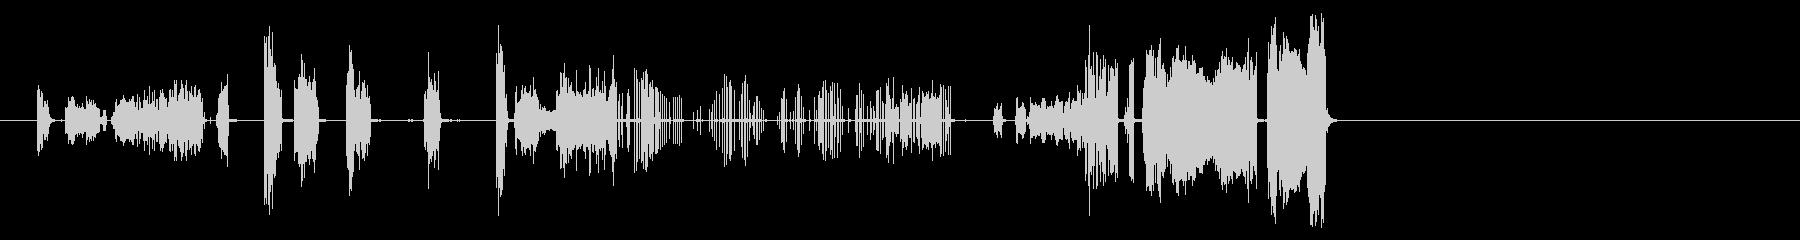 キス(Long);エクストラロングキス。の未再生の波形